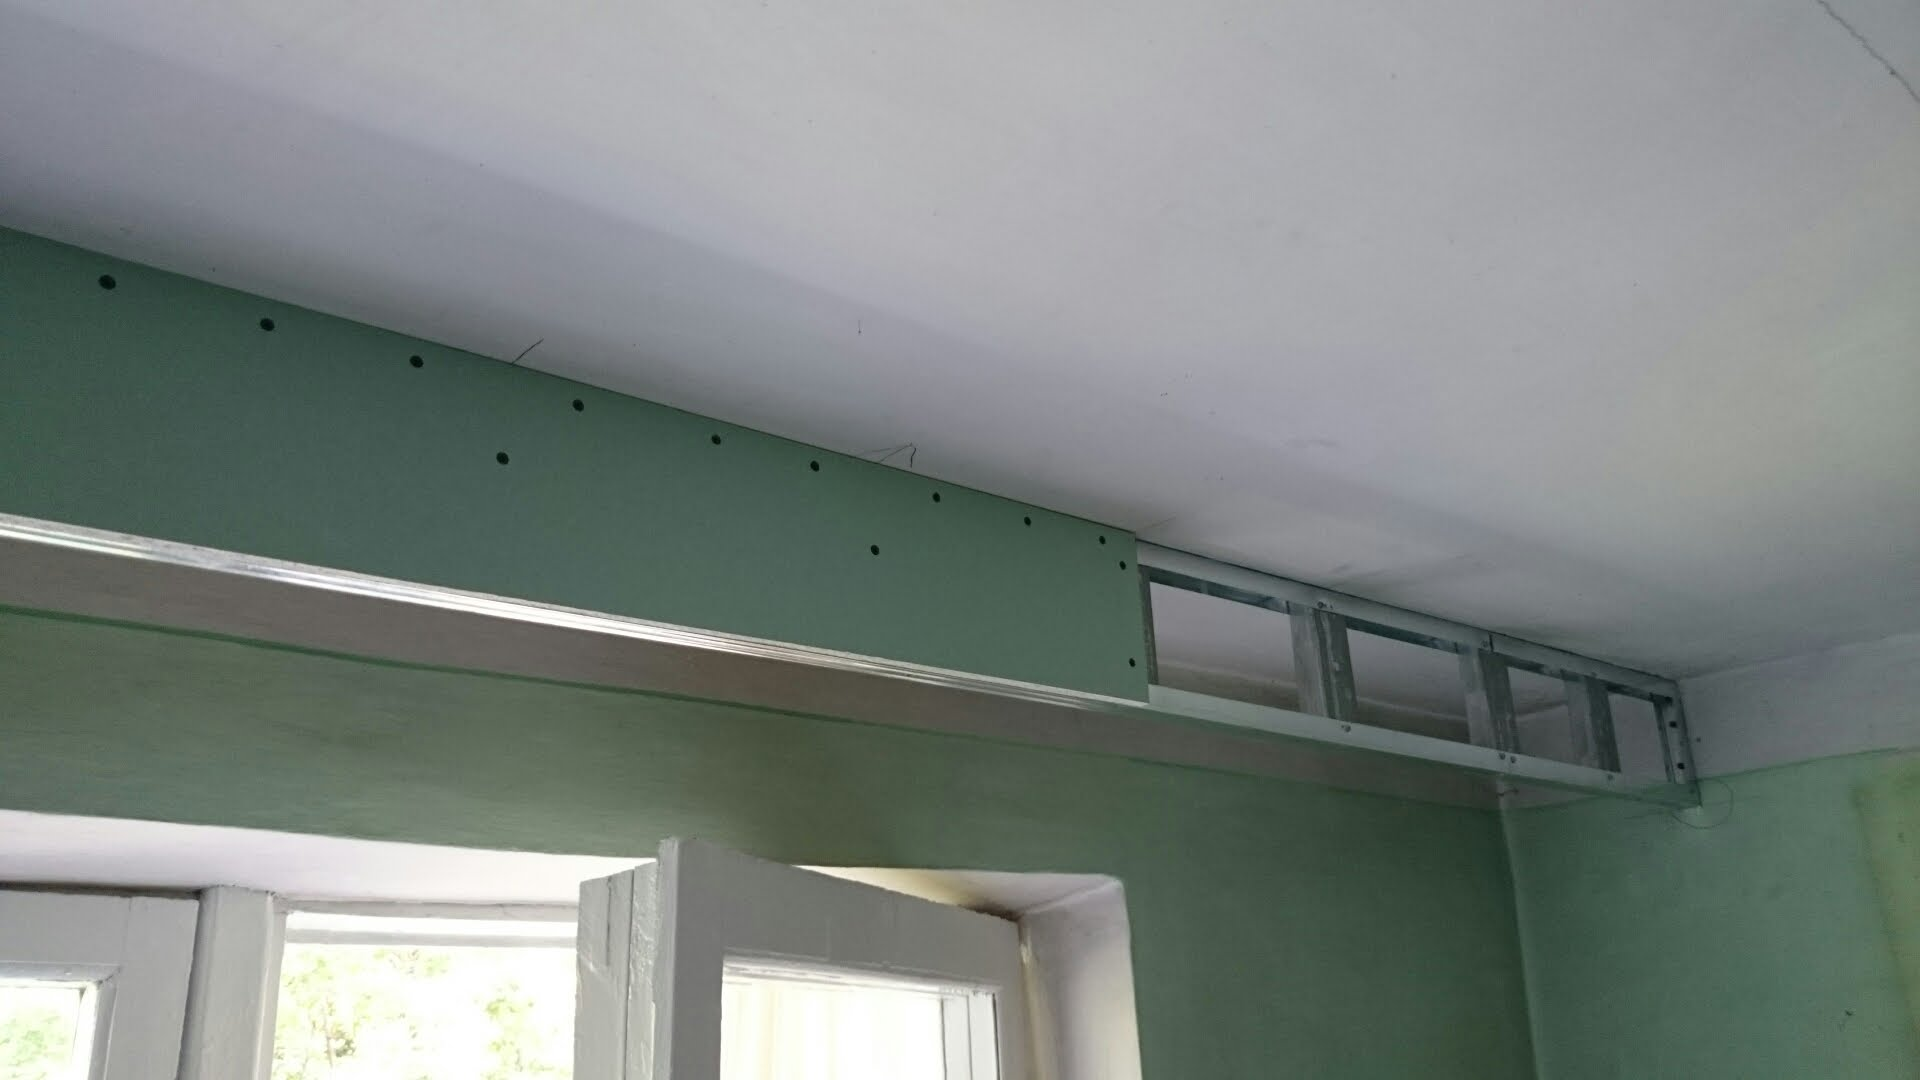 В случае монтажа ниши для штор каркас для натяжного потолка можно собрать из профиля